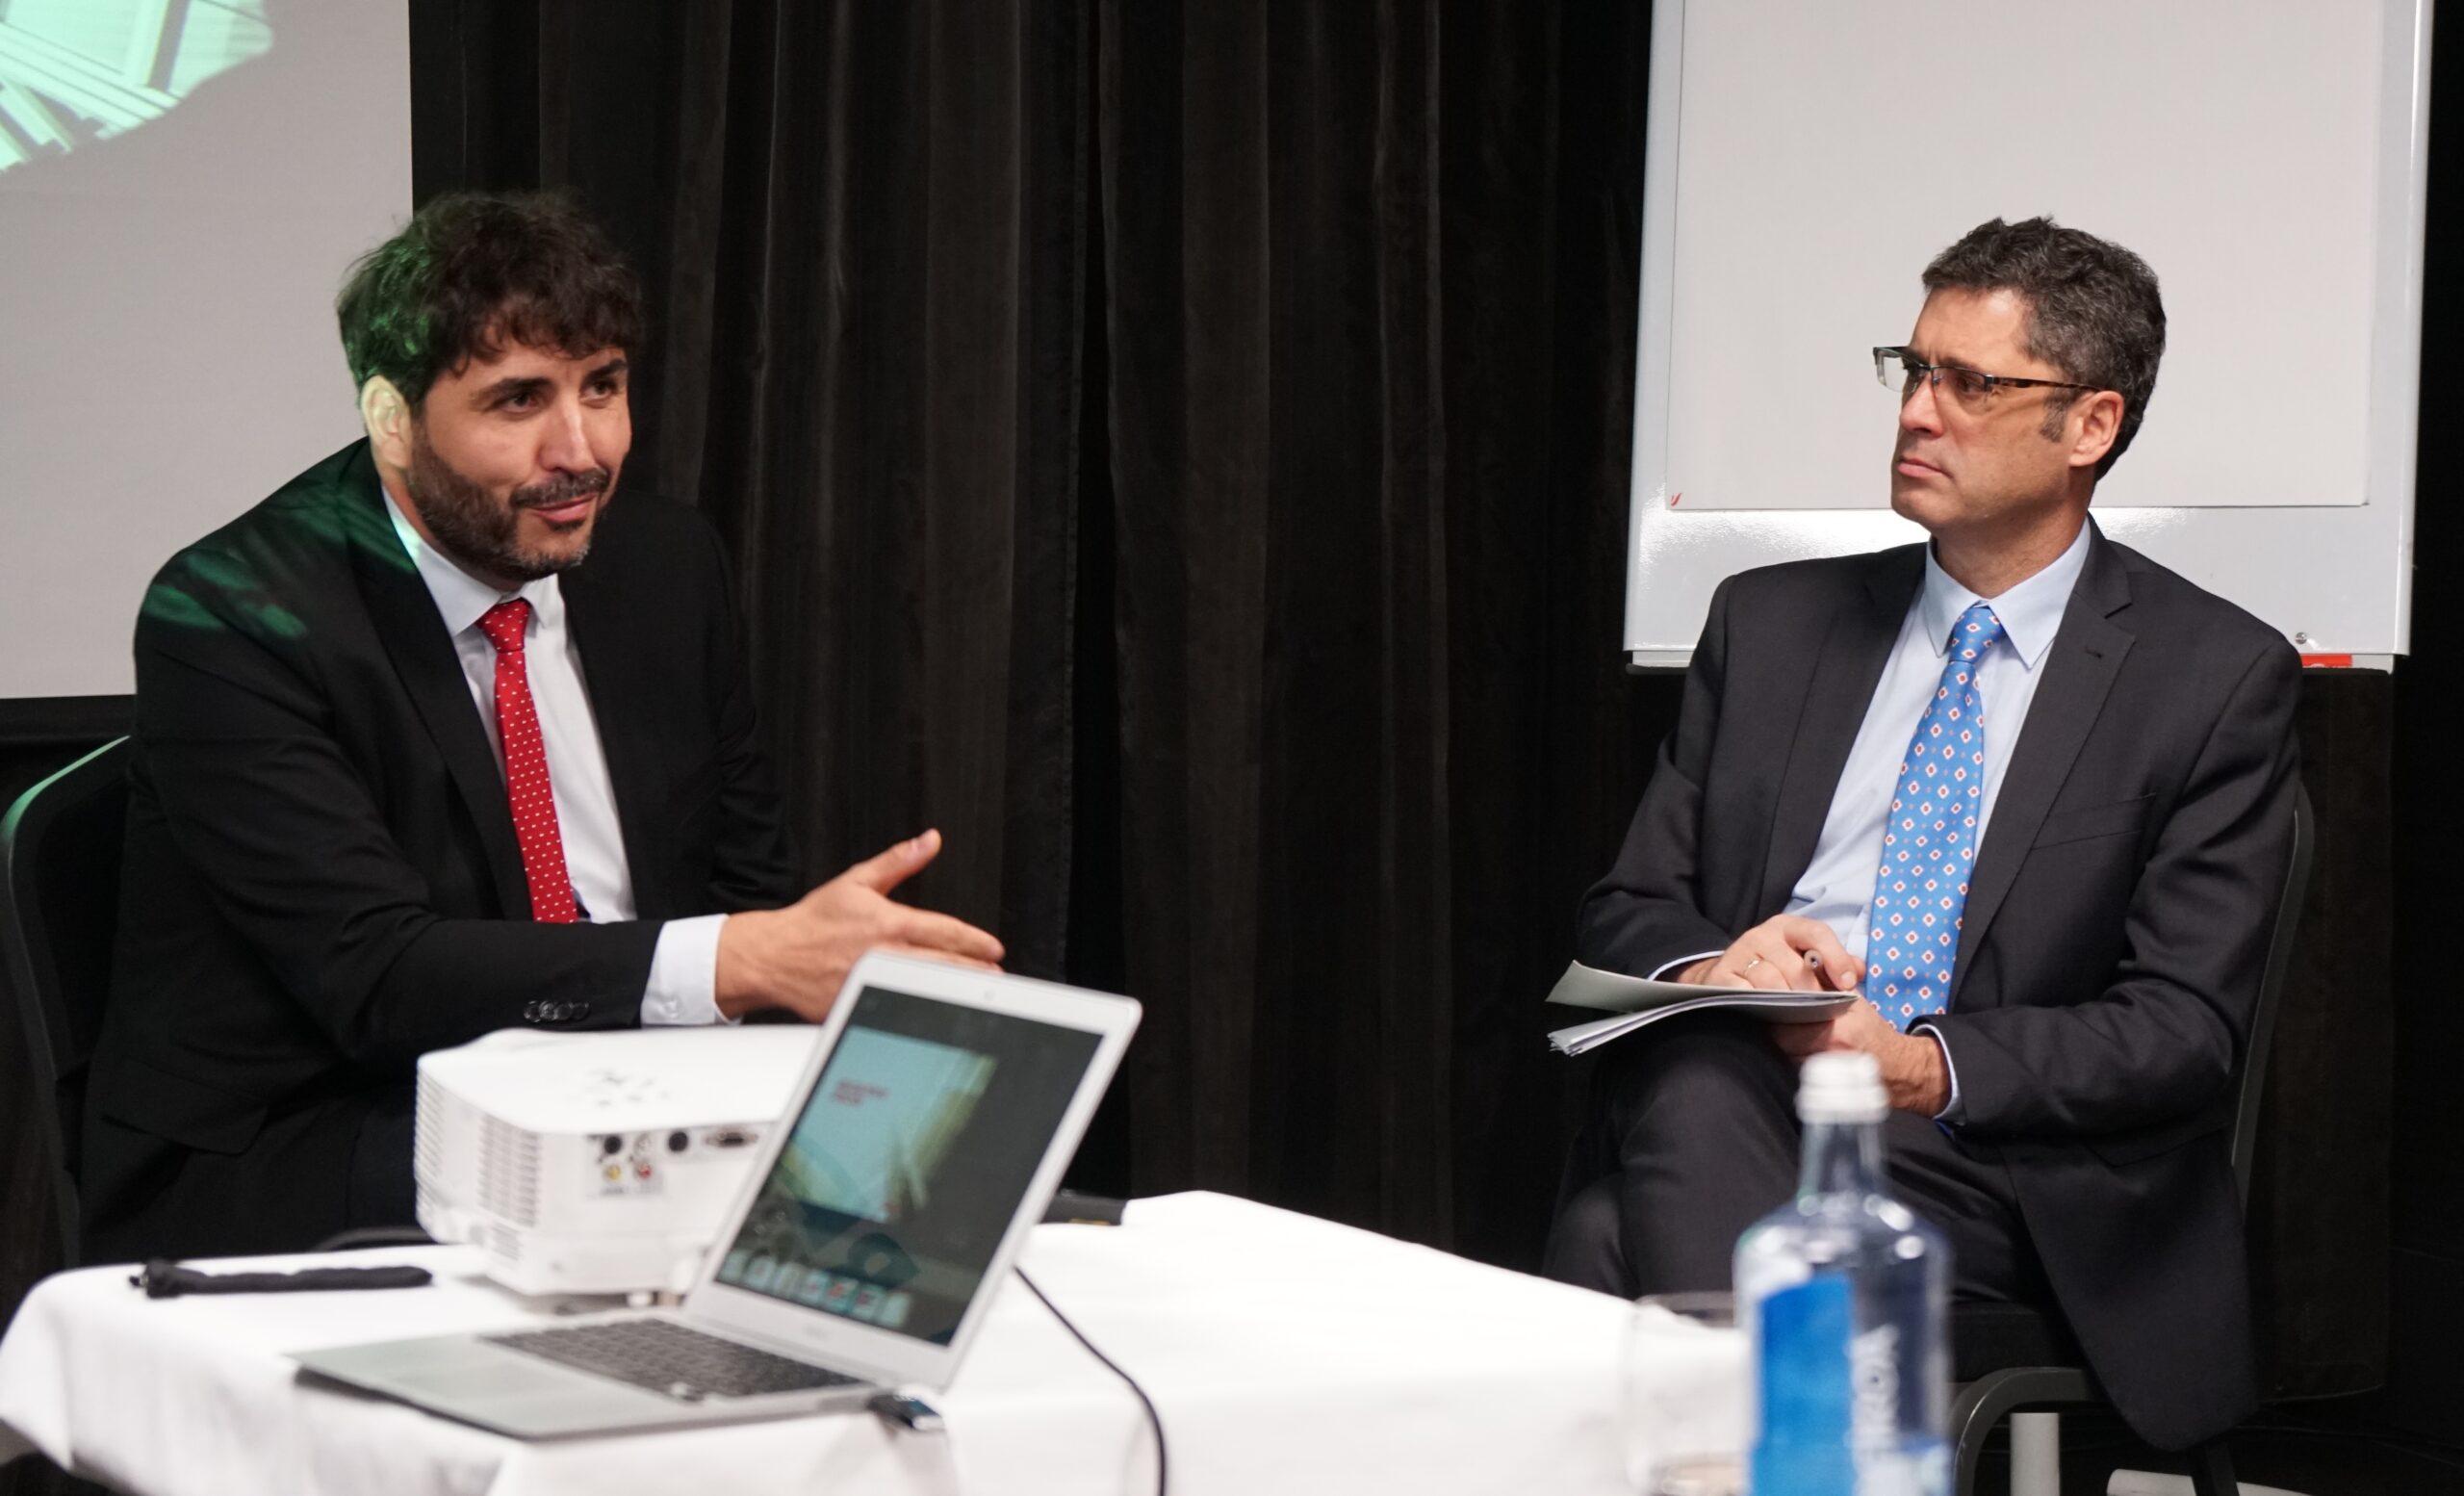 """Nortempo encuentra en Docuten una solución de digitalización: """"El cálculo aproximado que hicimos de ahorros era de unos 100.000 euros netos"""""""